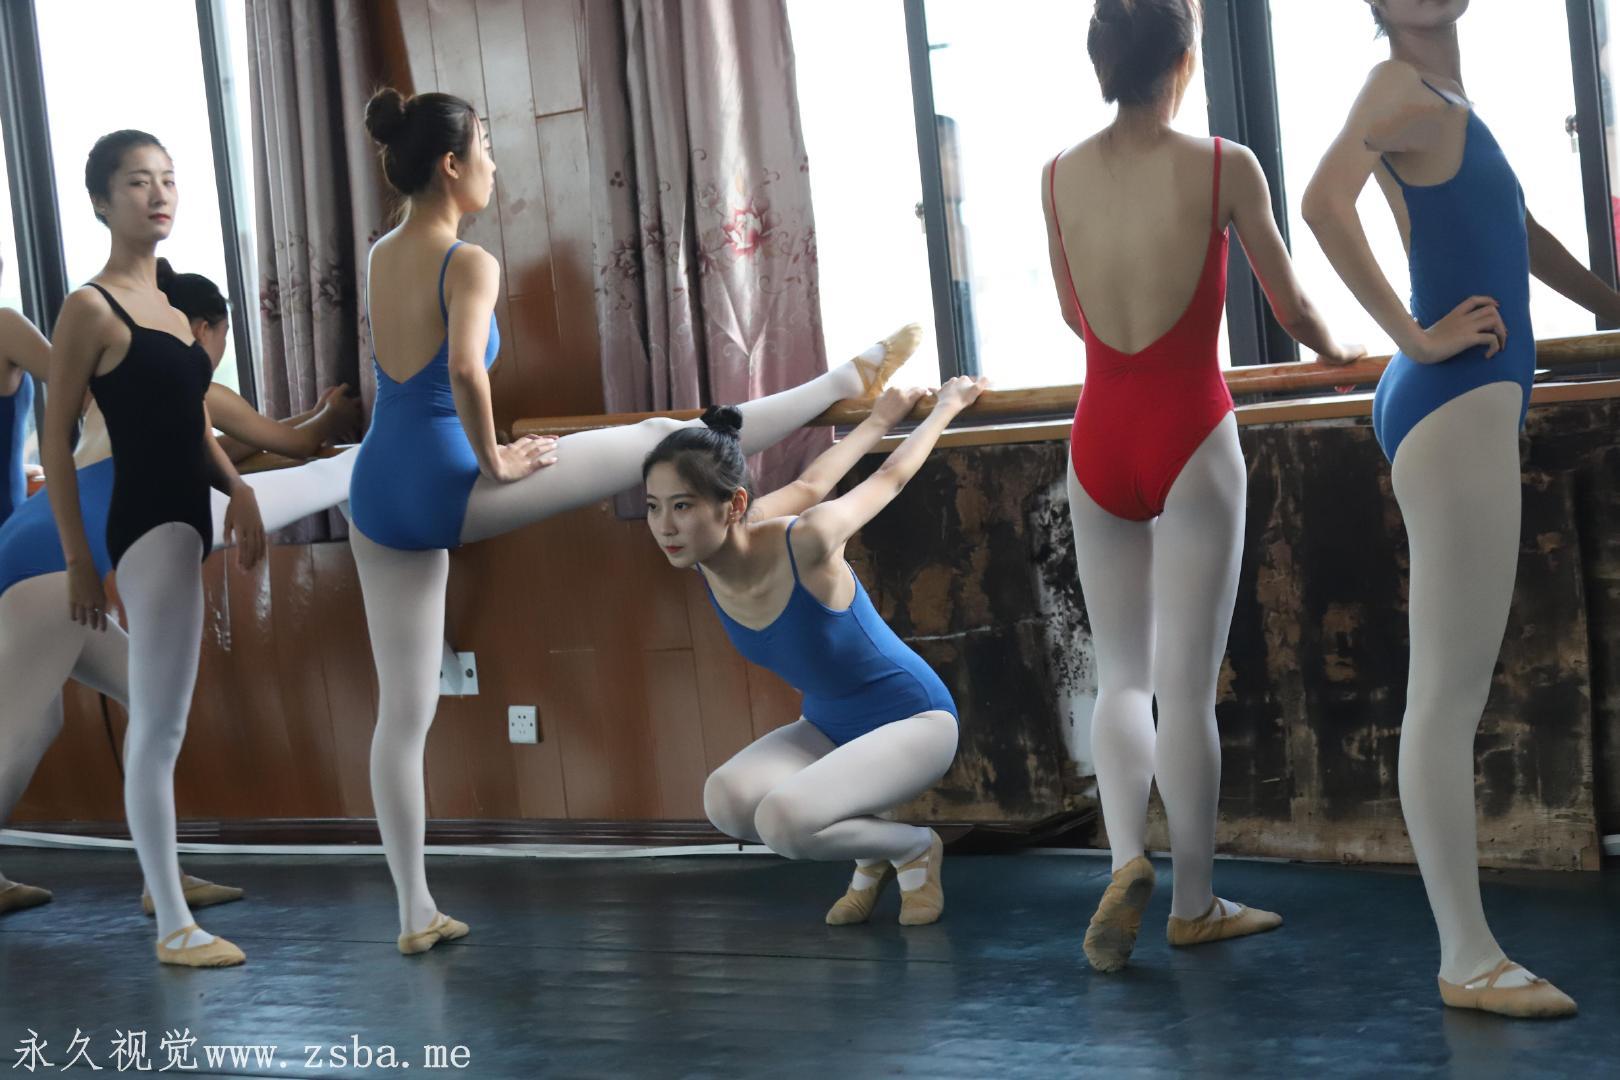 舞蹈学院练舞室实拍照片 美女小姐姐高清照片插图(11)